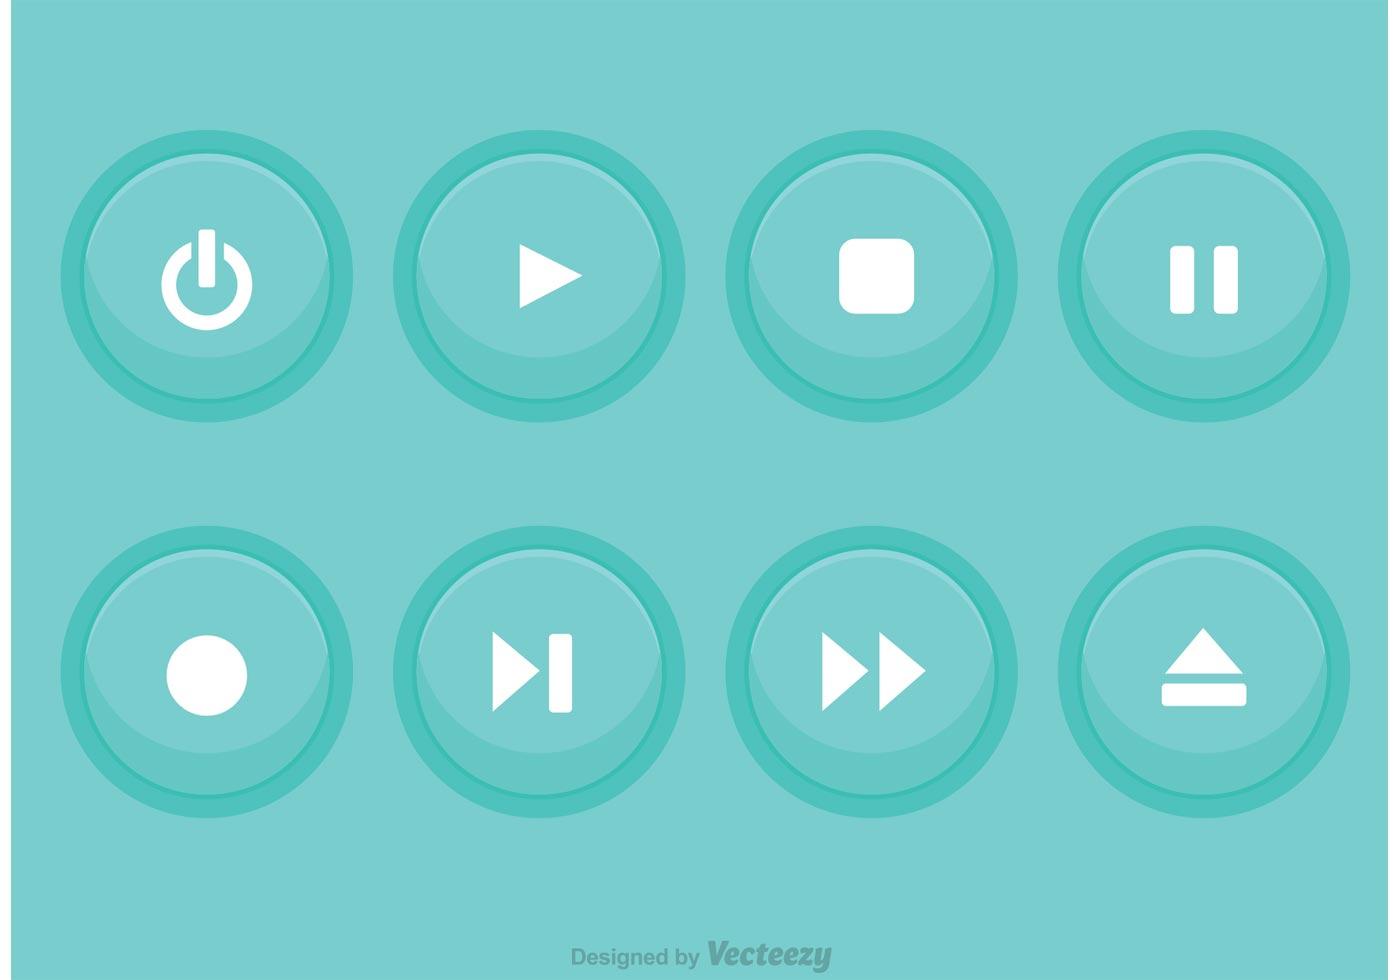 картинки для кнопок на браузер при